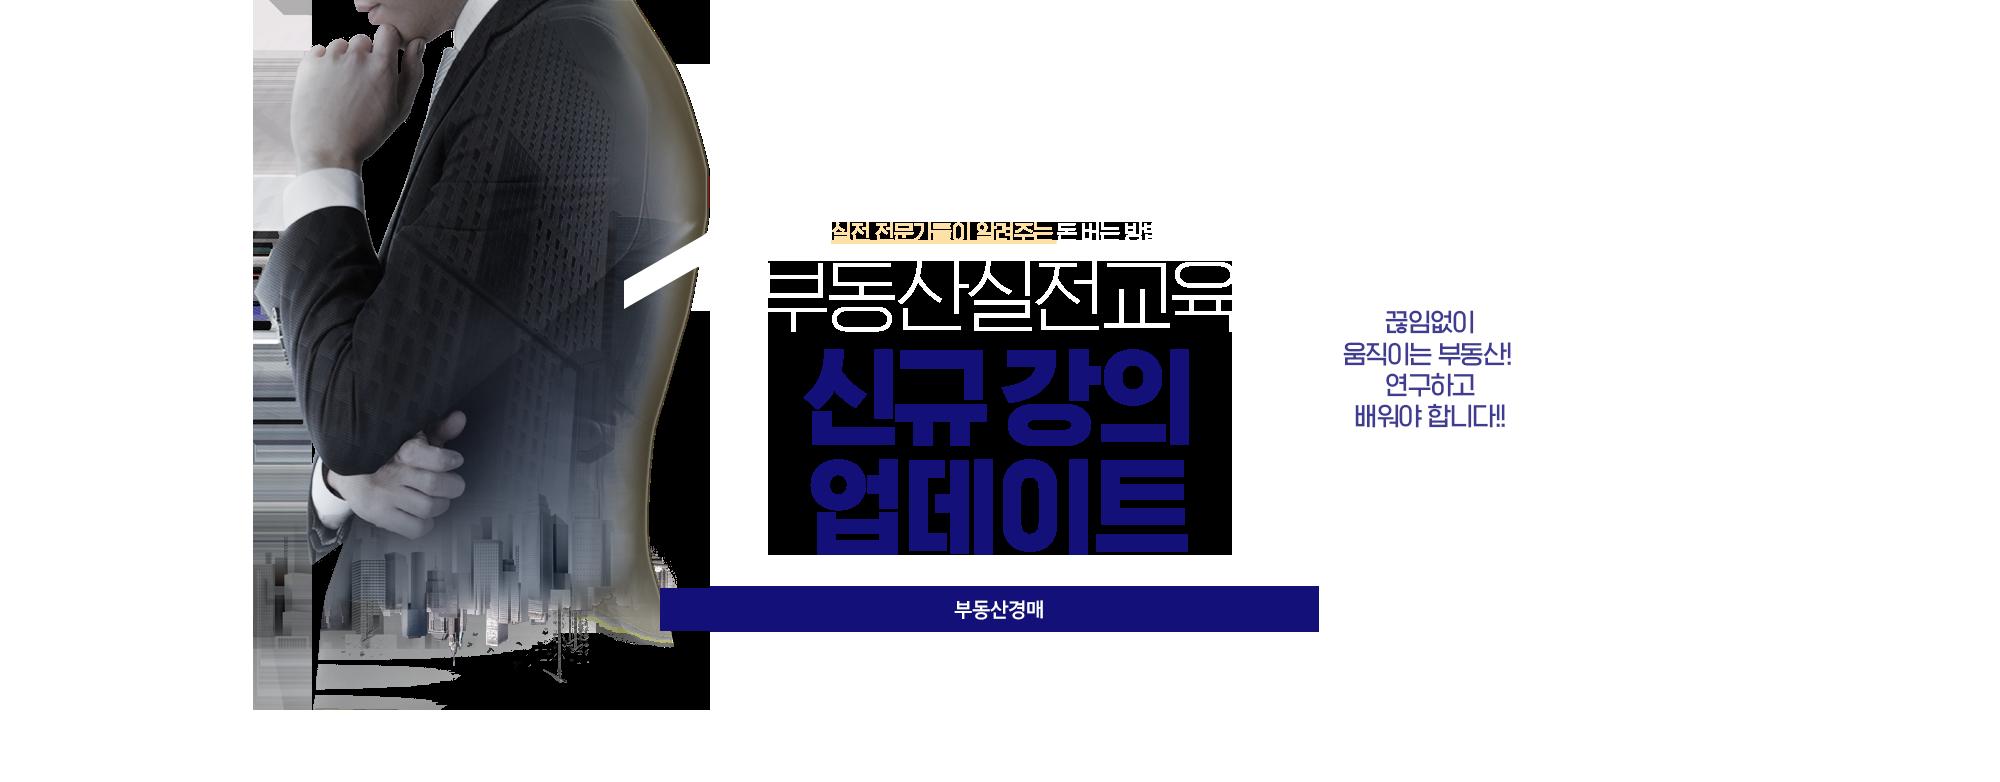 부동산실전교육 신규 강의 업데이트